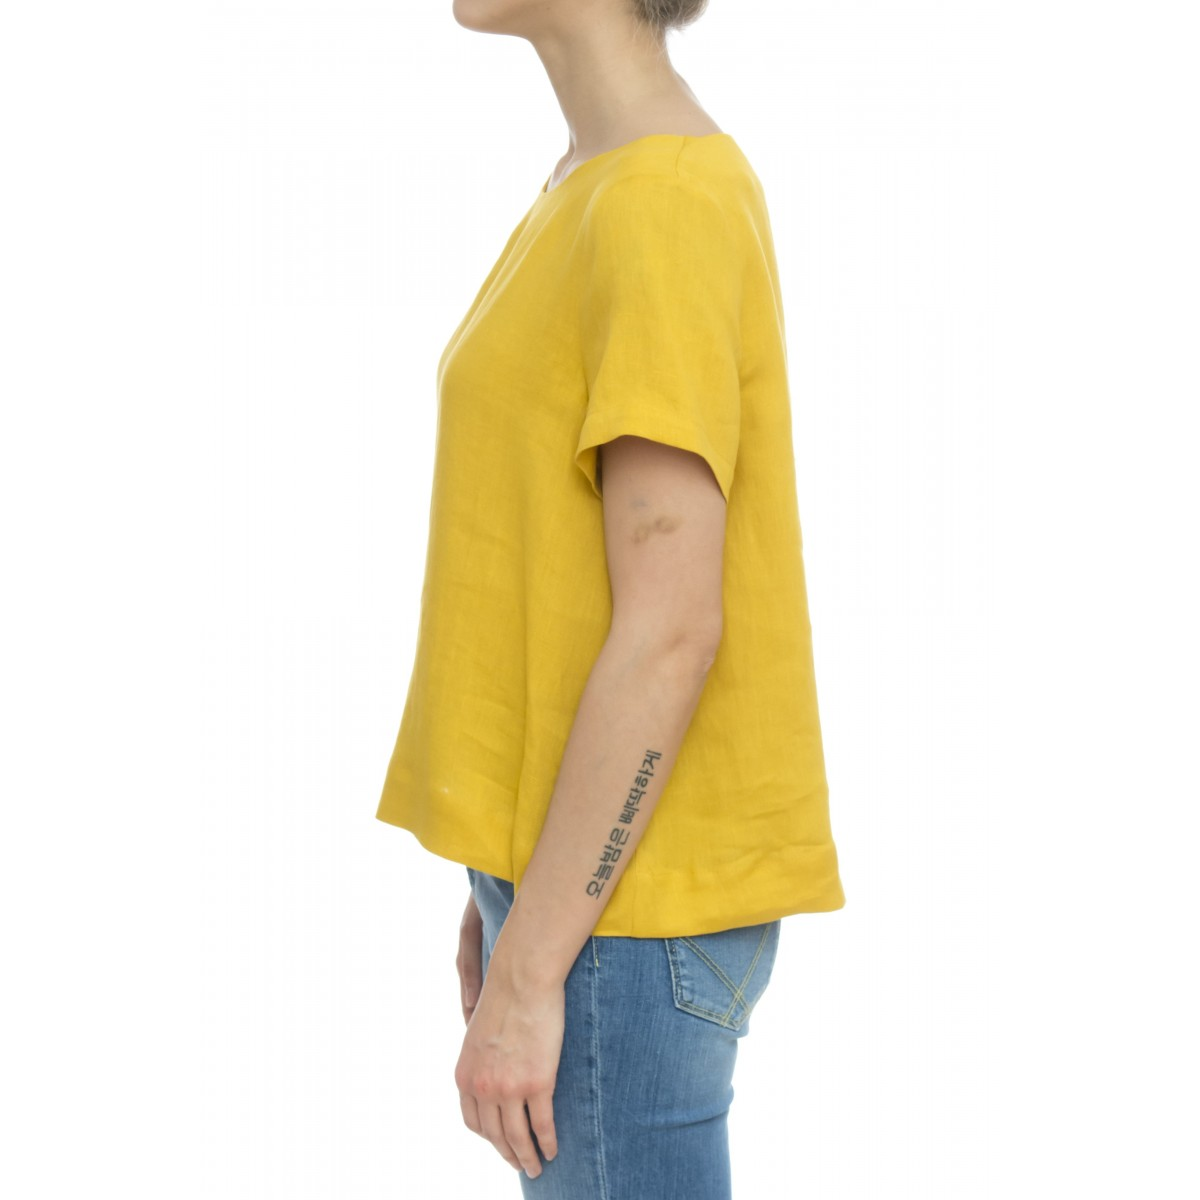 Camicia donna - 606 t32 camicia lino